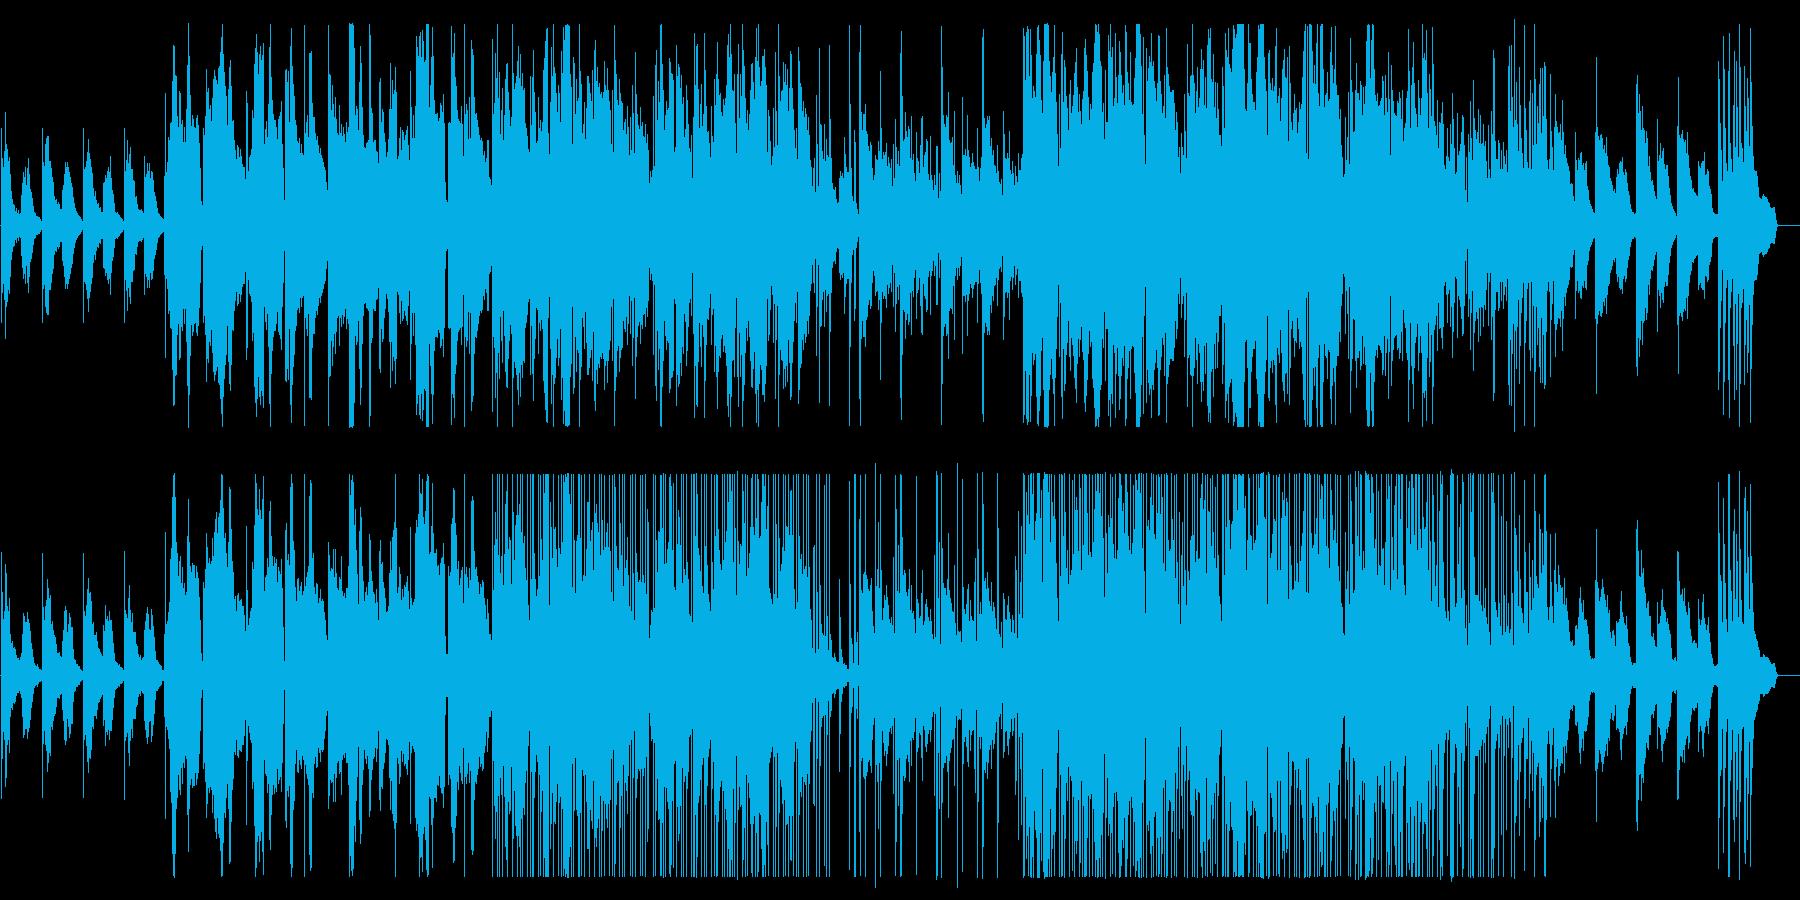 美しく幻想的な弦管楽器シンセサウンドの再生済みの波形